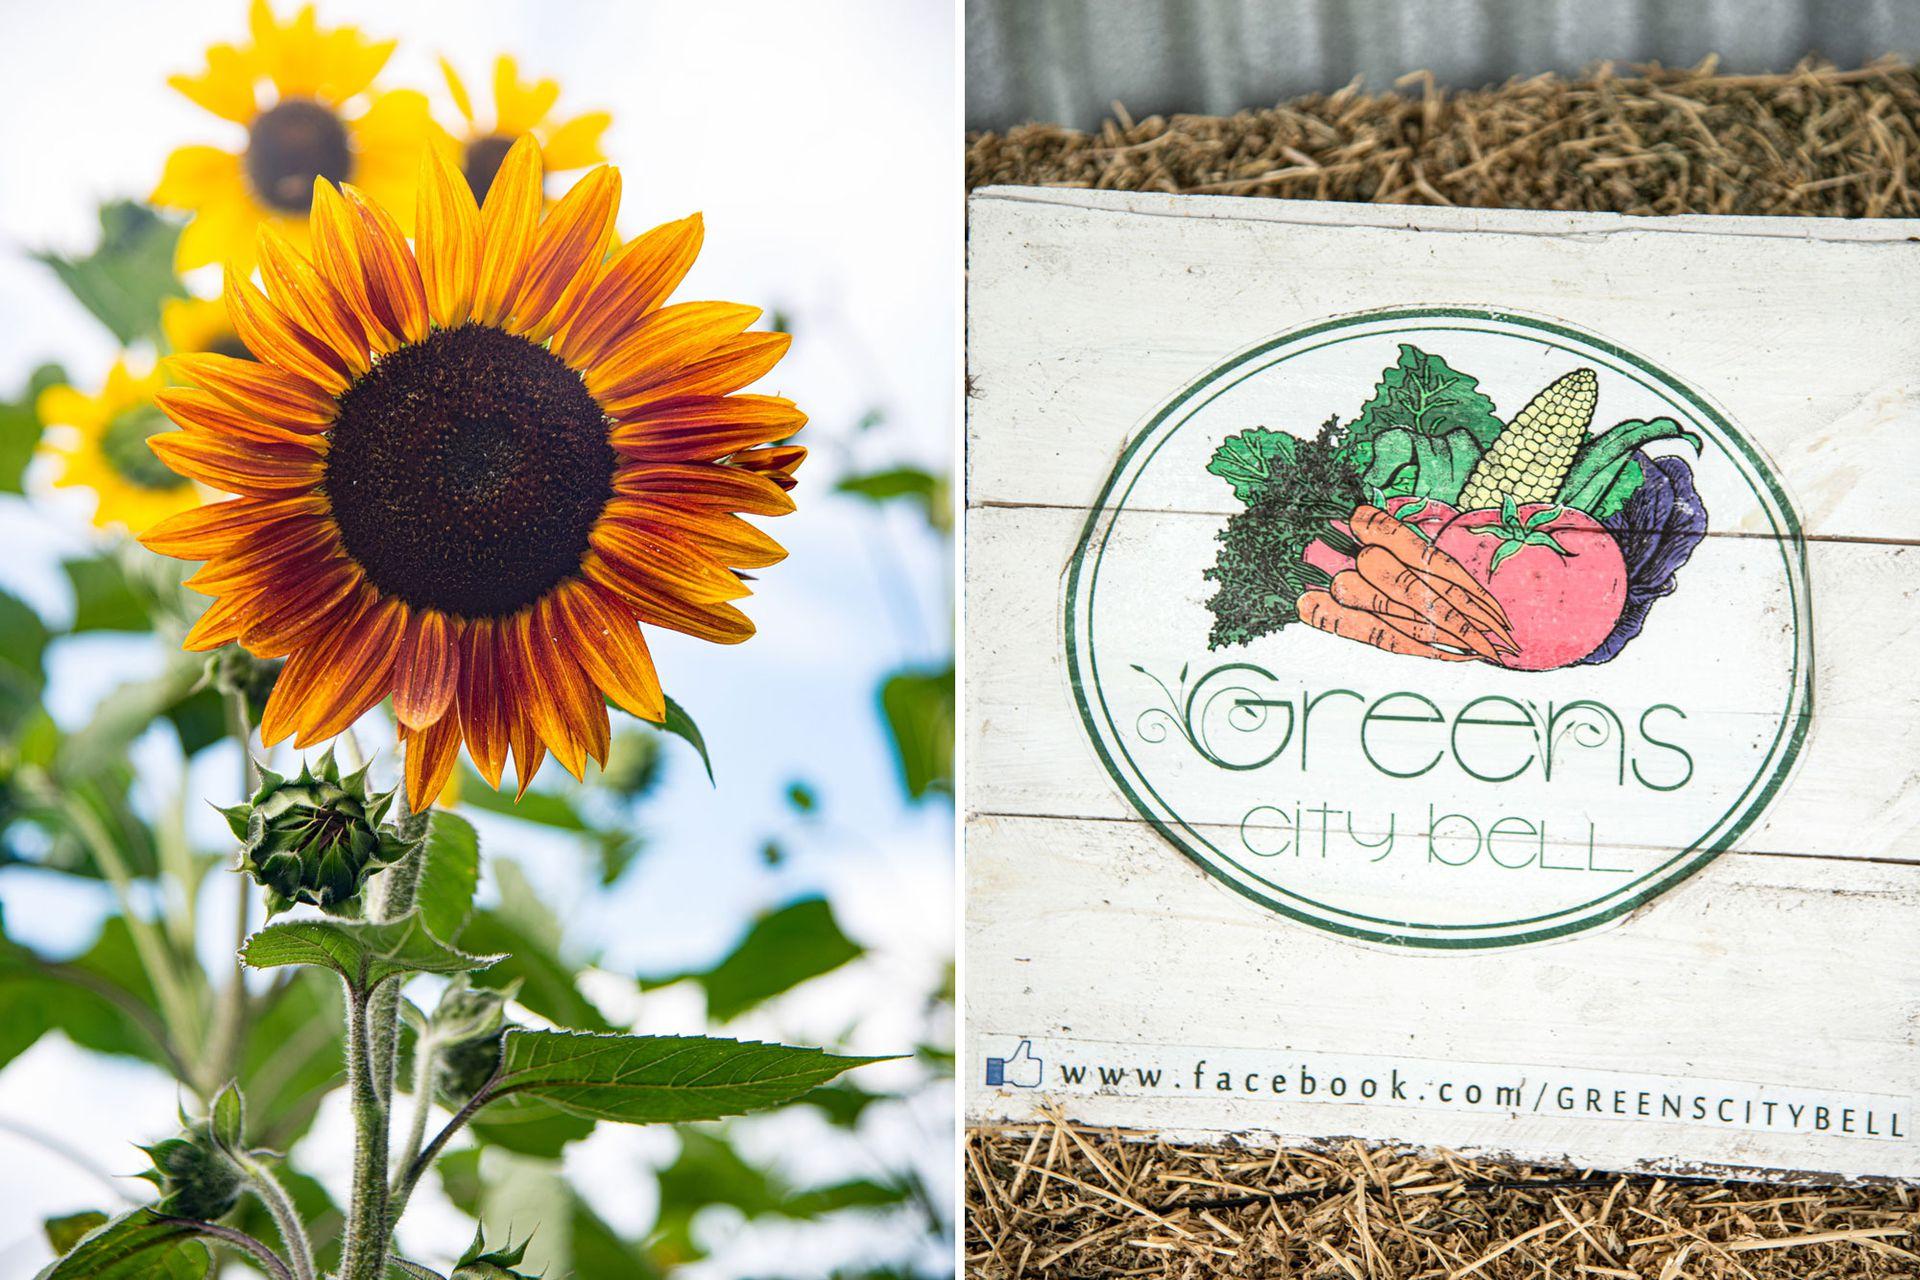 Como una manera de asegurar hortalizas frescas para sus platos, el paso de las estaciones y sus frutos determinan las propuestas que se van ofreciendo en Green City Bell a lo largo del año.